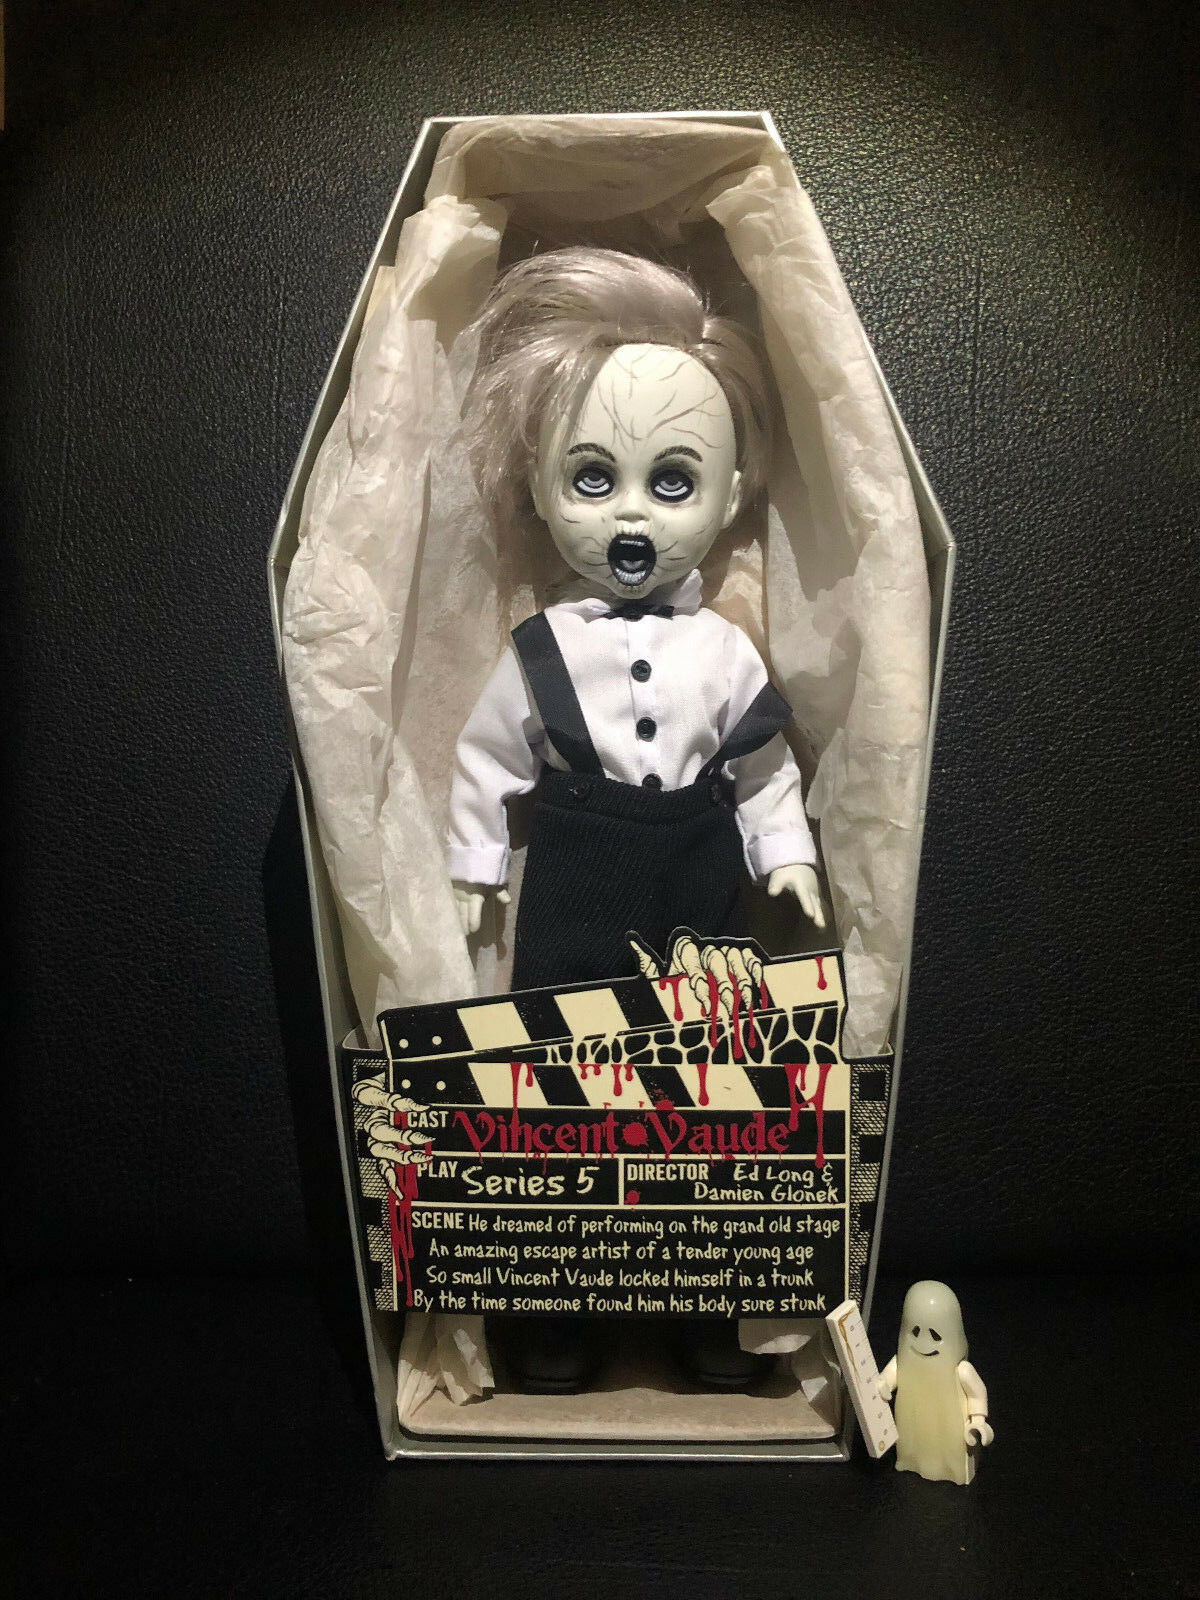 Living Dead Dolls Vincent Vaude MEZCO Serie Serie Serie 5 schwarz & Weiß (Neu) OVP MIB Puppe cd58a8